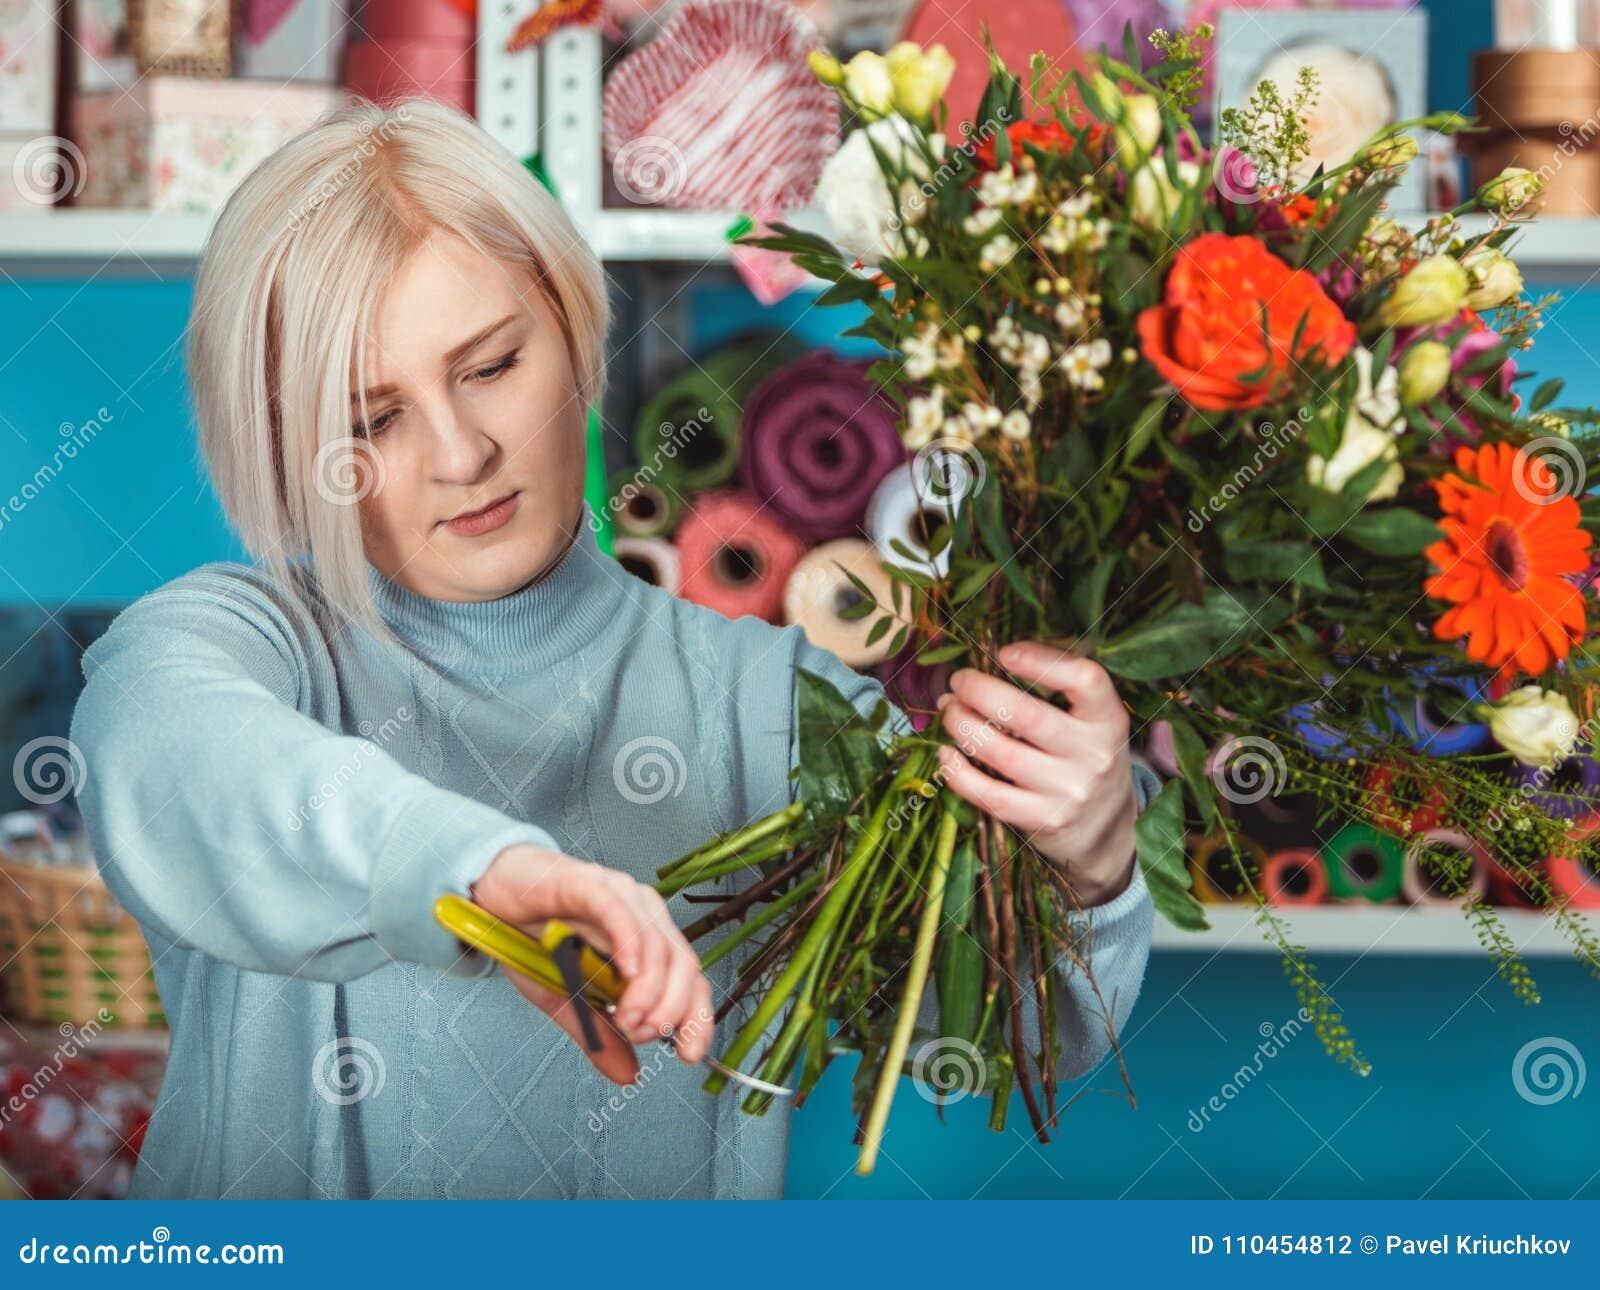 Blomsterhandlare i arbetsplatsen blommaillustrationen shoppar smellcomp Stående av en le kvinna